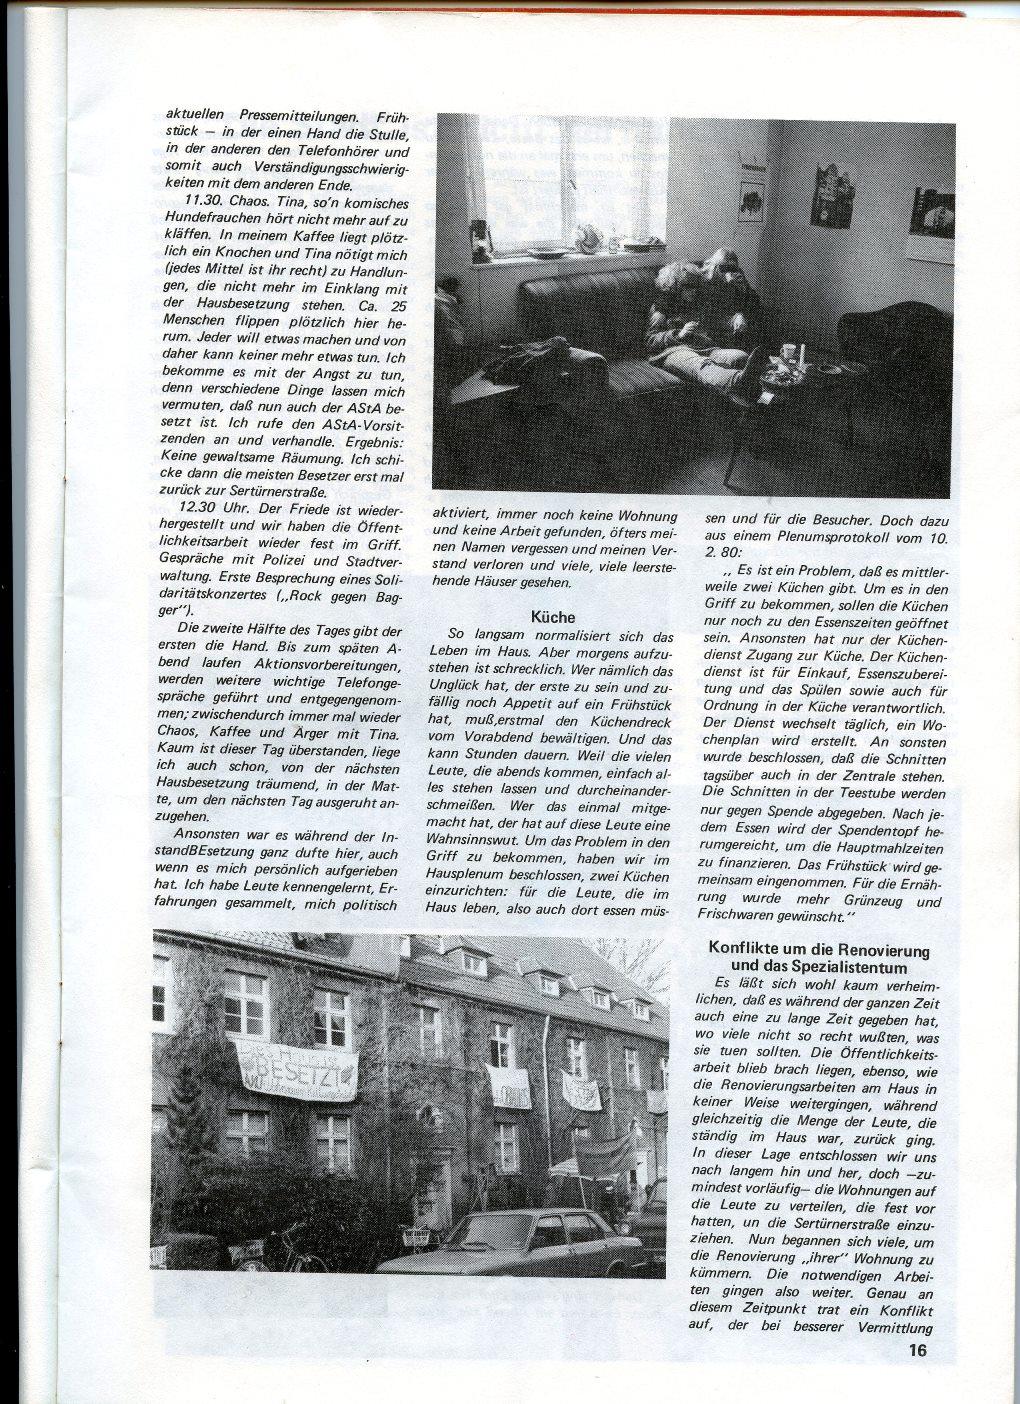 Muenster_Hausbesetzung_1980_17